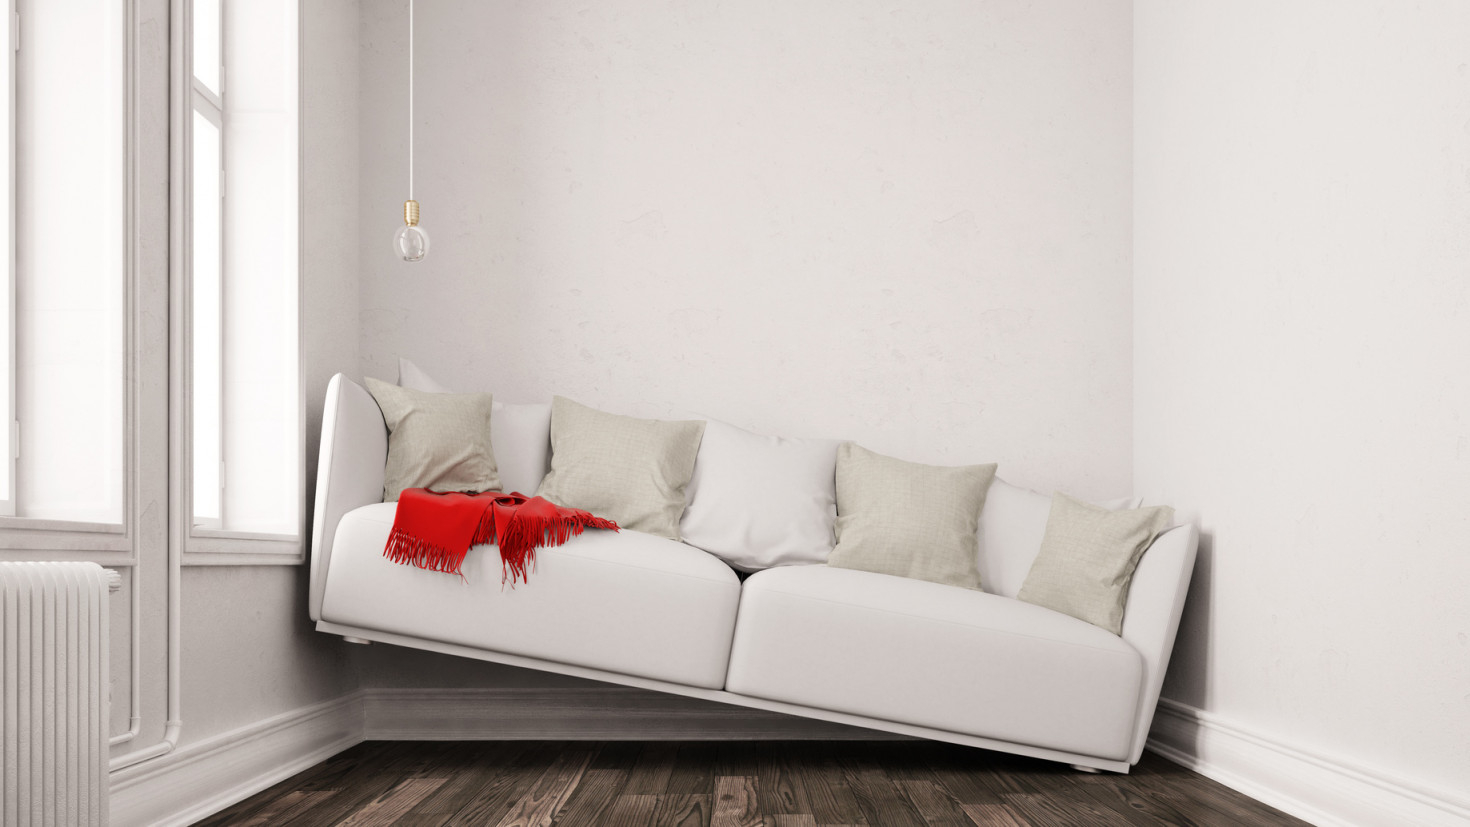 Kleines Wohnzimmer Einrichten  10 Ultimative Ideen von Kleines Wohnzimmer Einrichten Bild